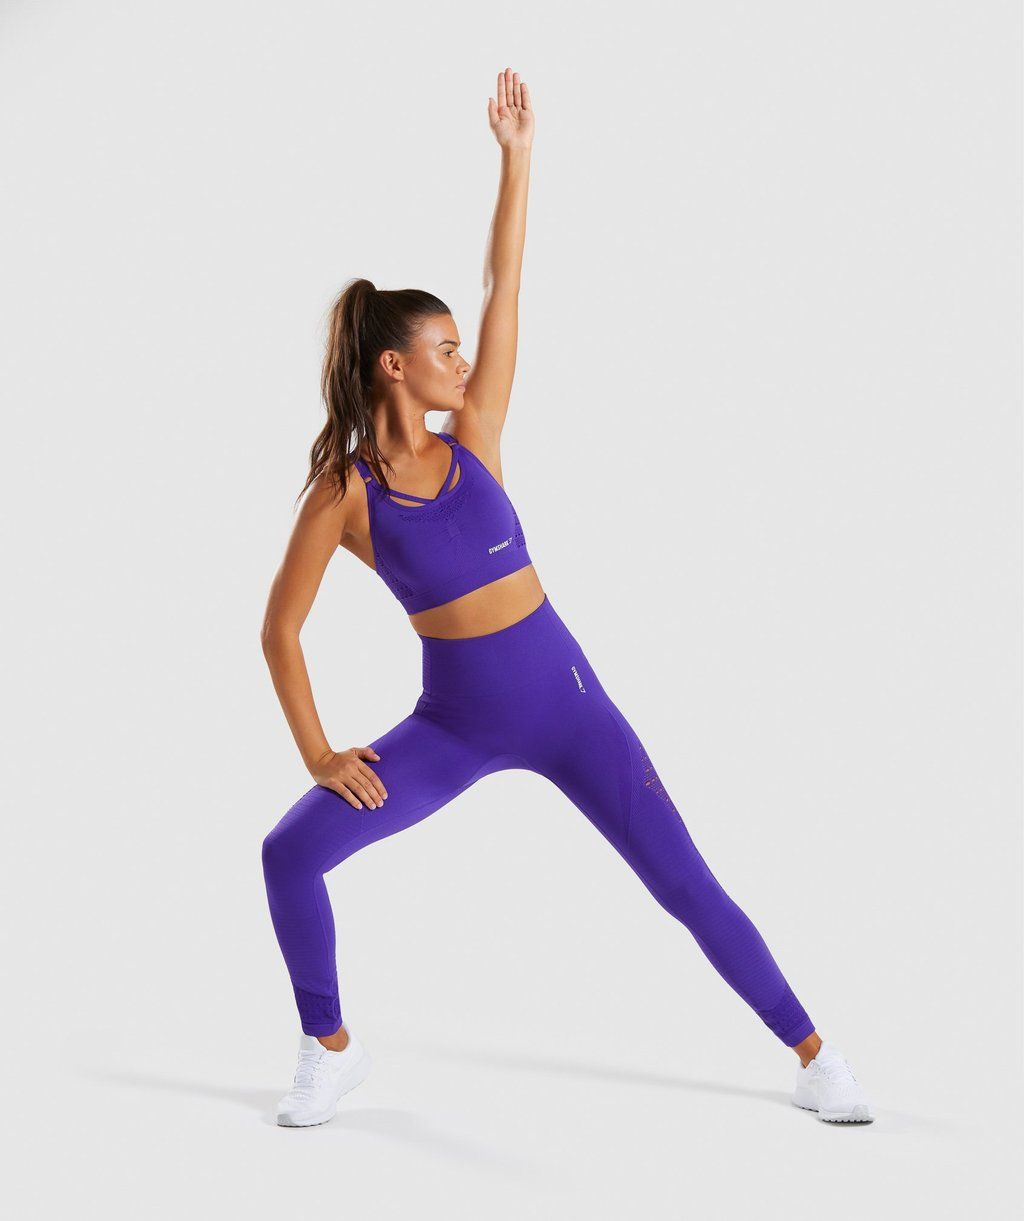 5cebe6d2d6b98 Gymshark Energy+ Seamless Leggings - Indigo 3 Gymshark Energy+ Seamless  Leggings - Indigo Lycra Leggings,